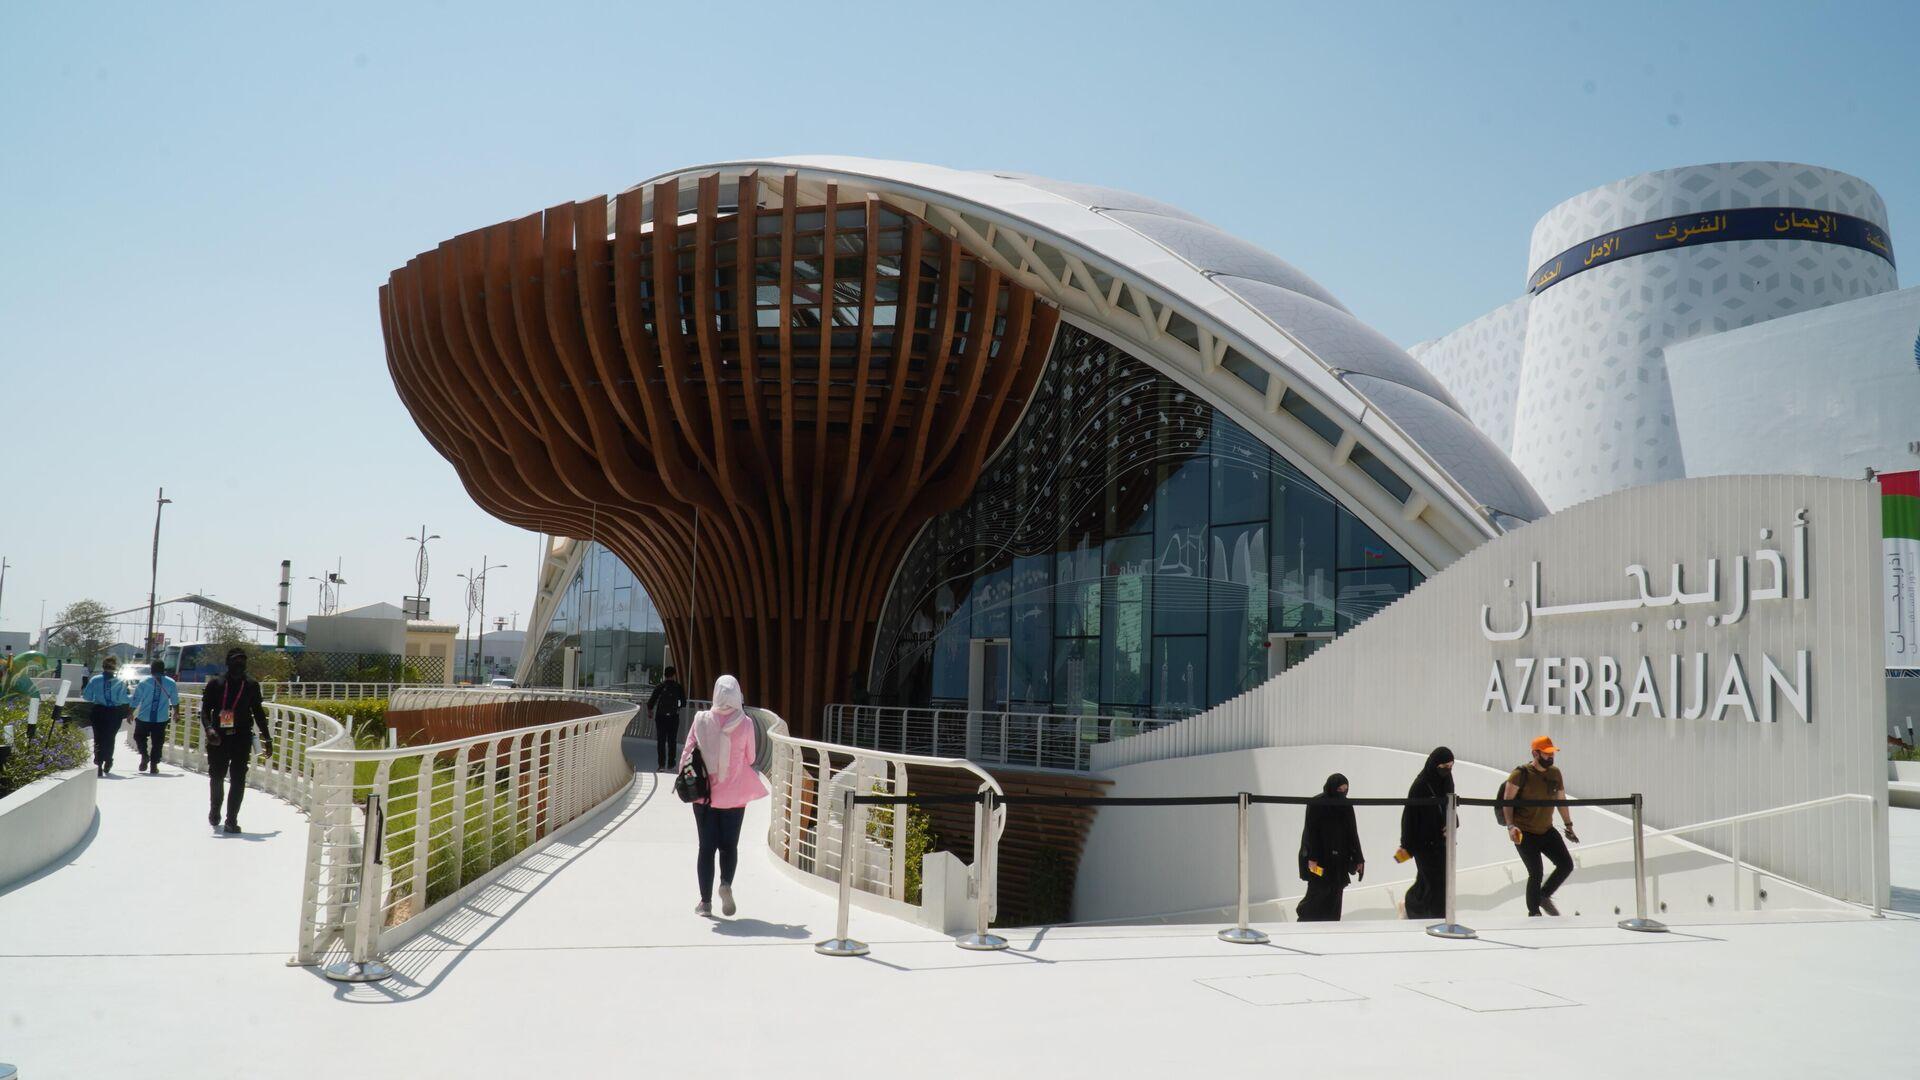 Expo 2020 Dubai beynəlxalq sərgisində Azərbaycanın milli pavilyonu - Sputnik Azərbaycan, 1920, 12.10.2021